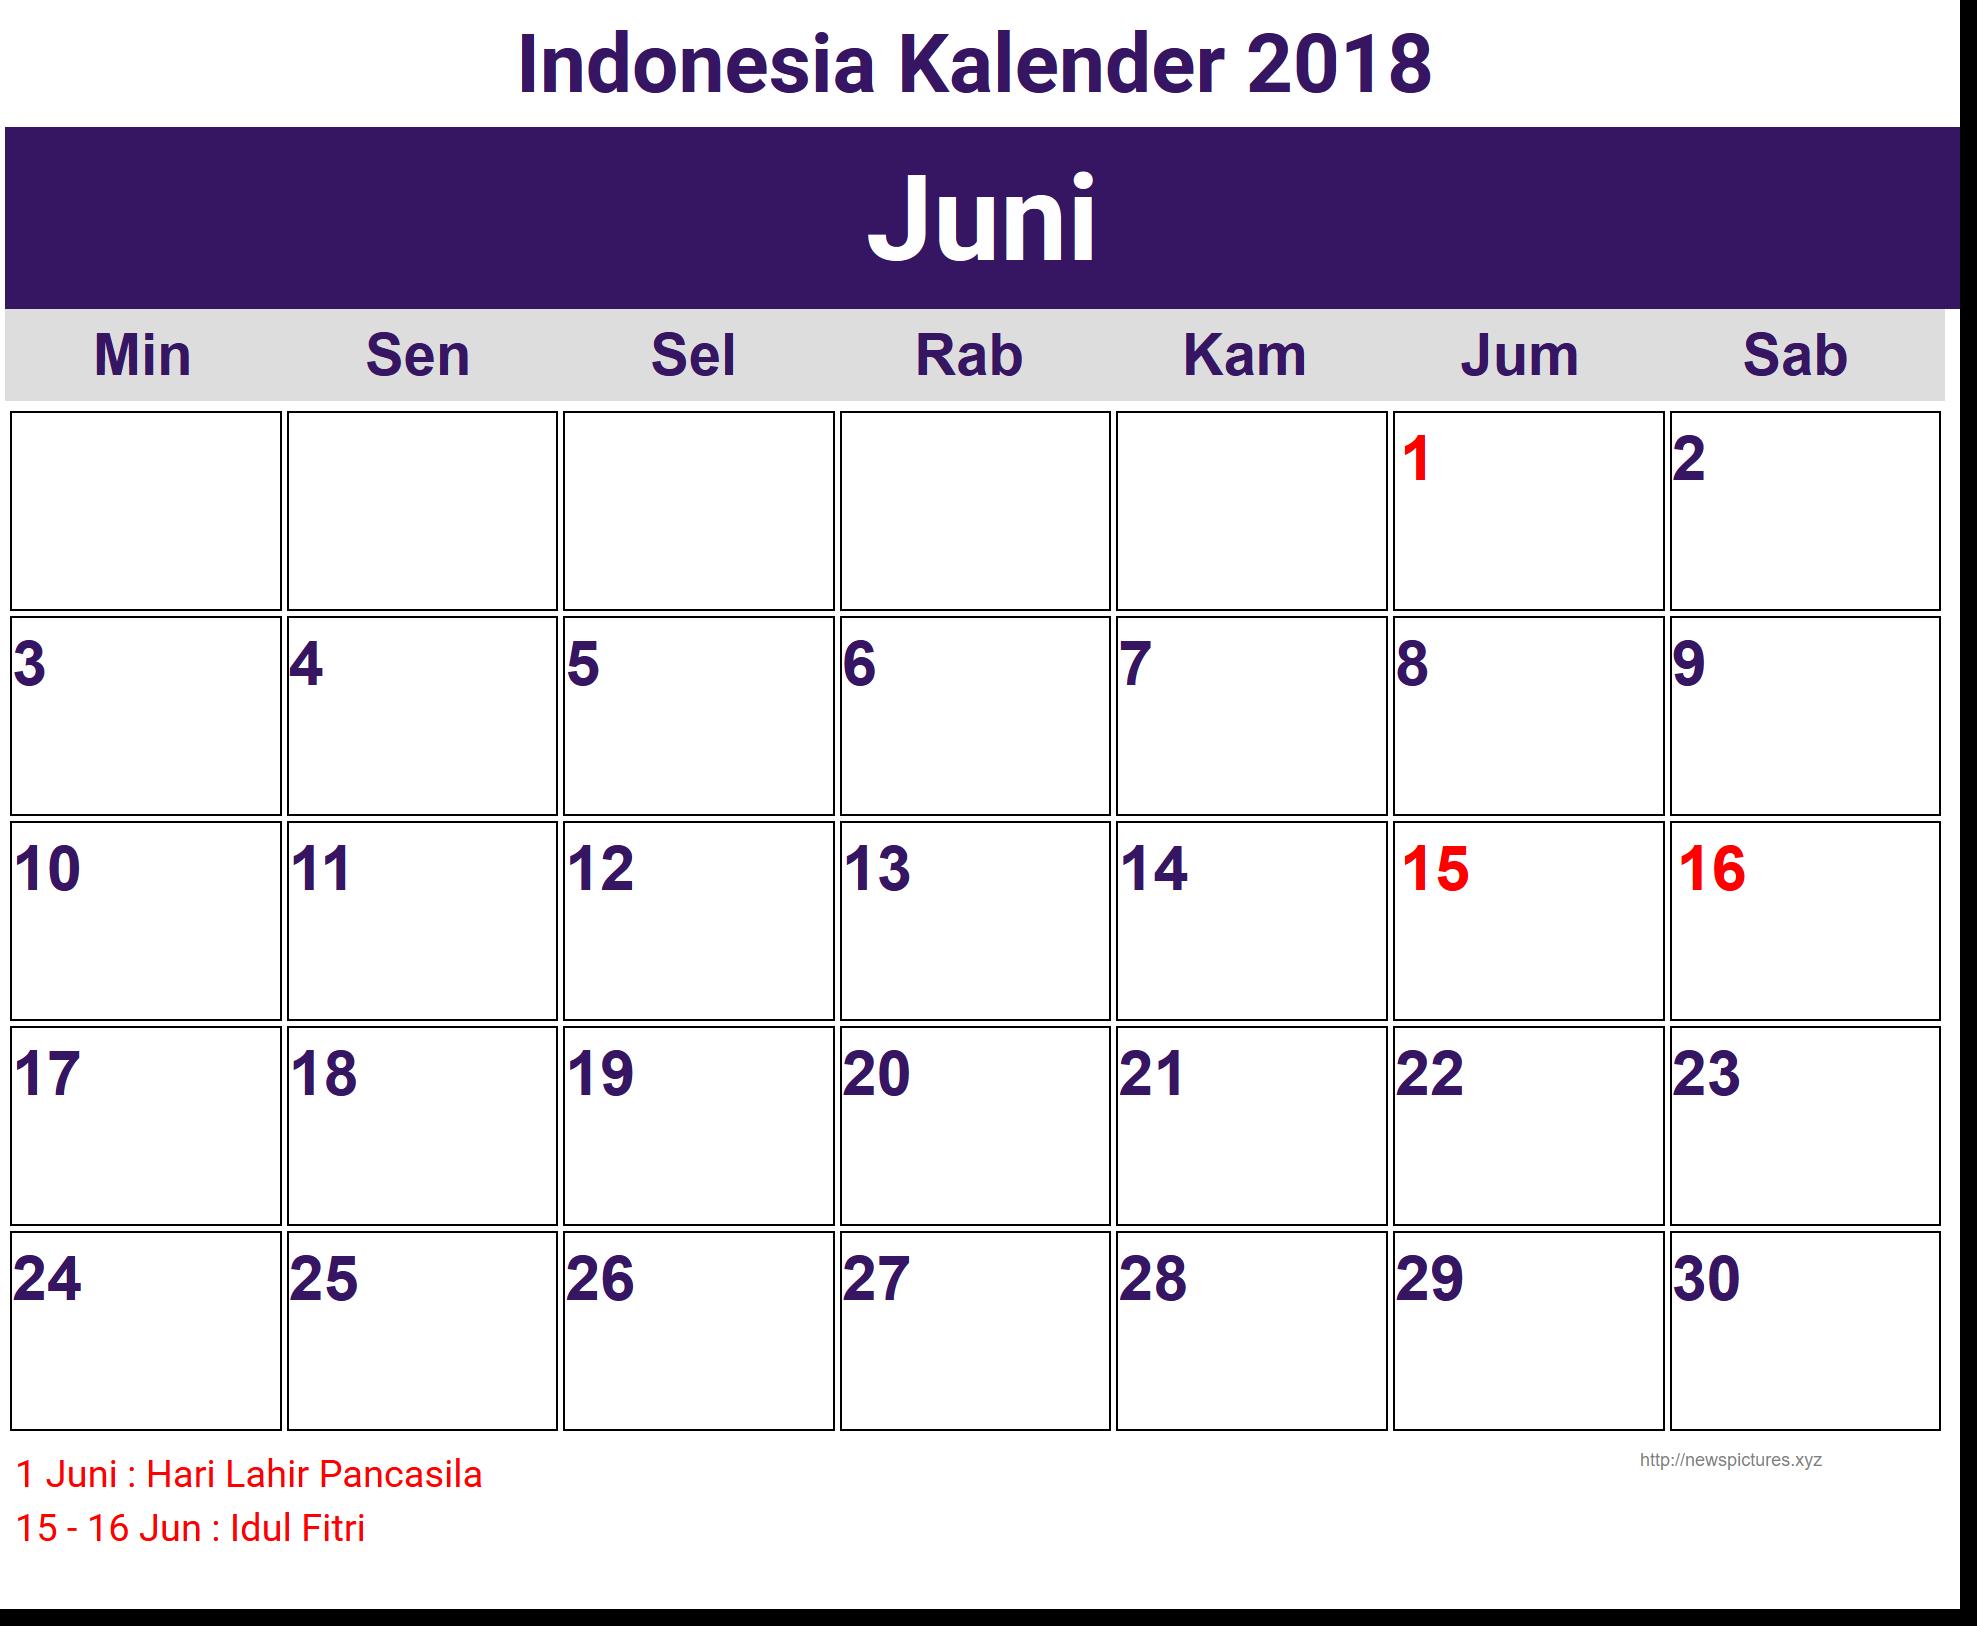 Image for Juni Indonesia Kalender 2018 | Calendar 2018 ...